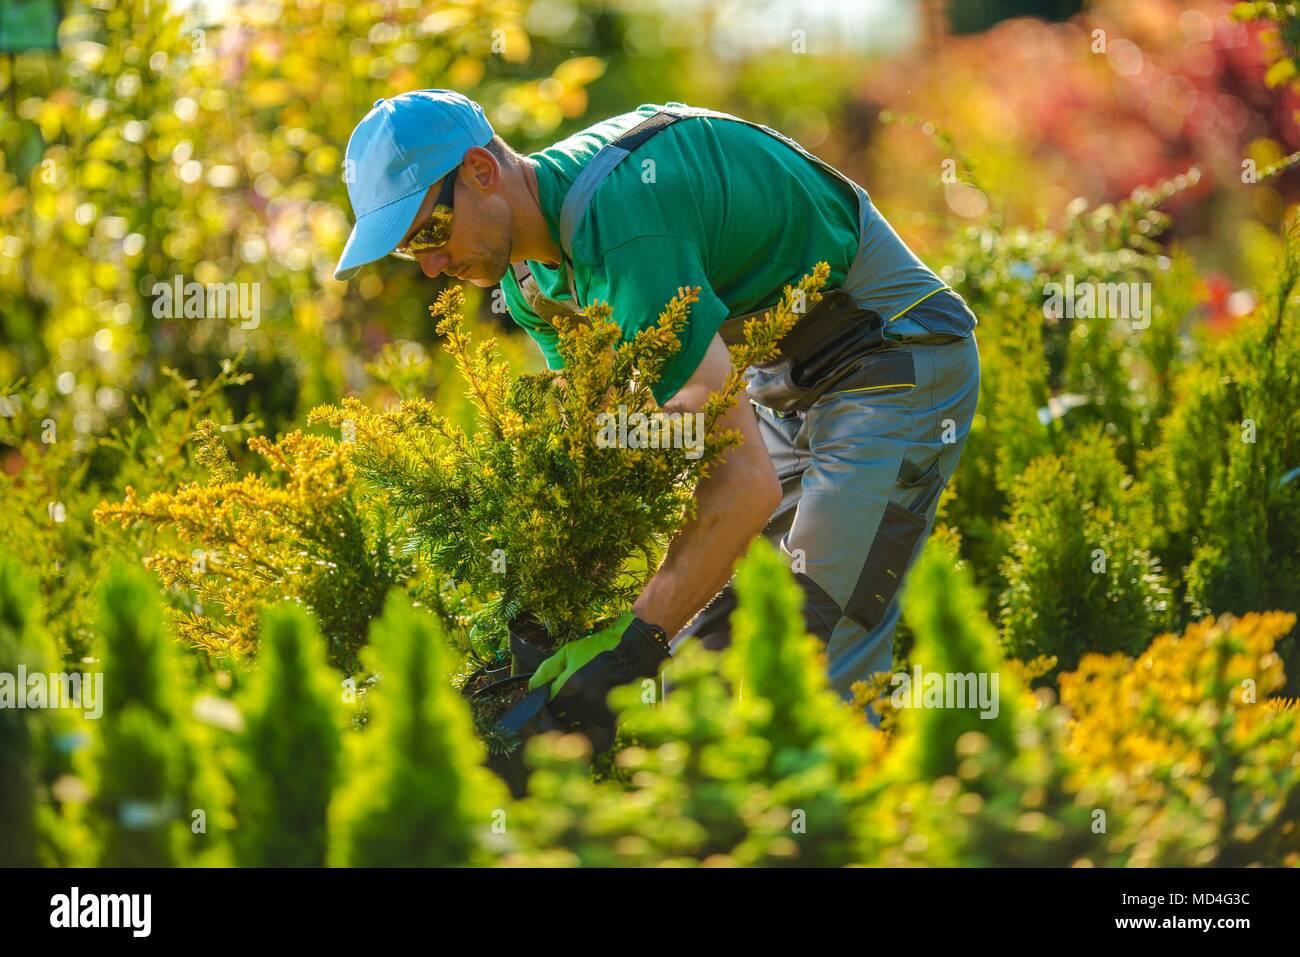 Jardinier du Caucase à la recherche d'un nouveau projet de jardin pour les plantes. Aménagement paysager. Photo Stock